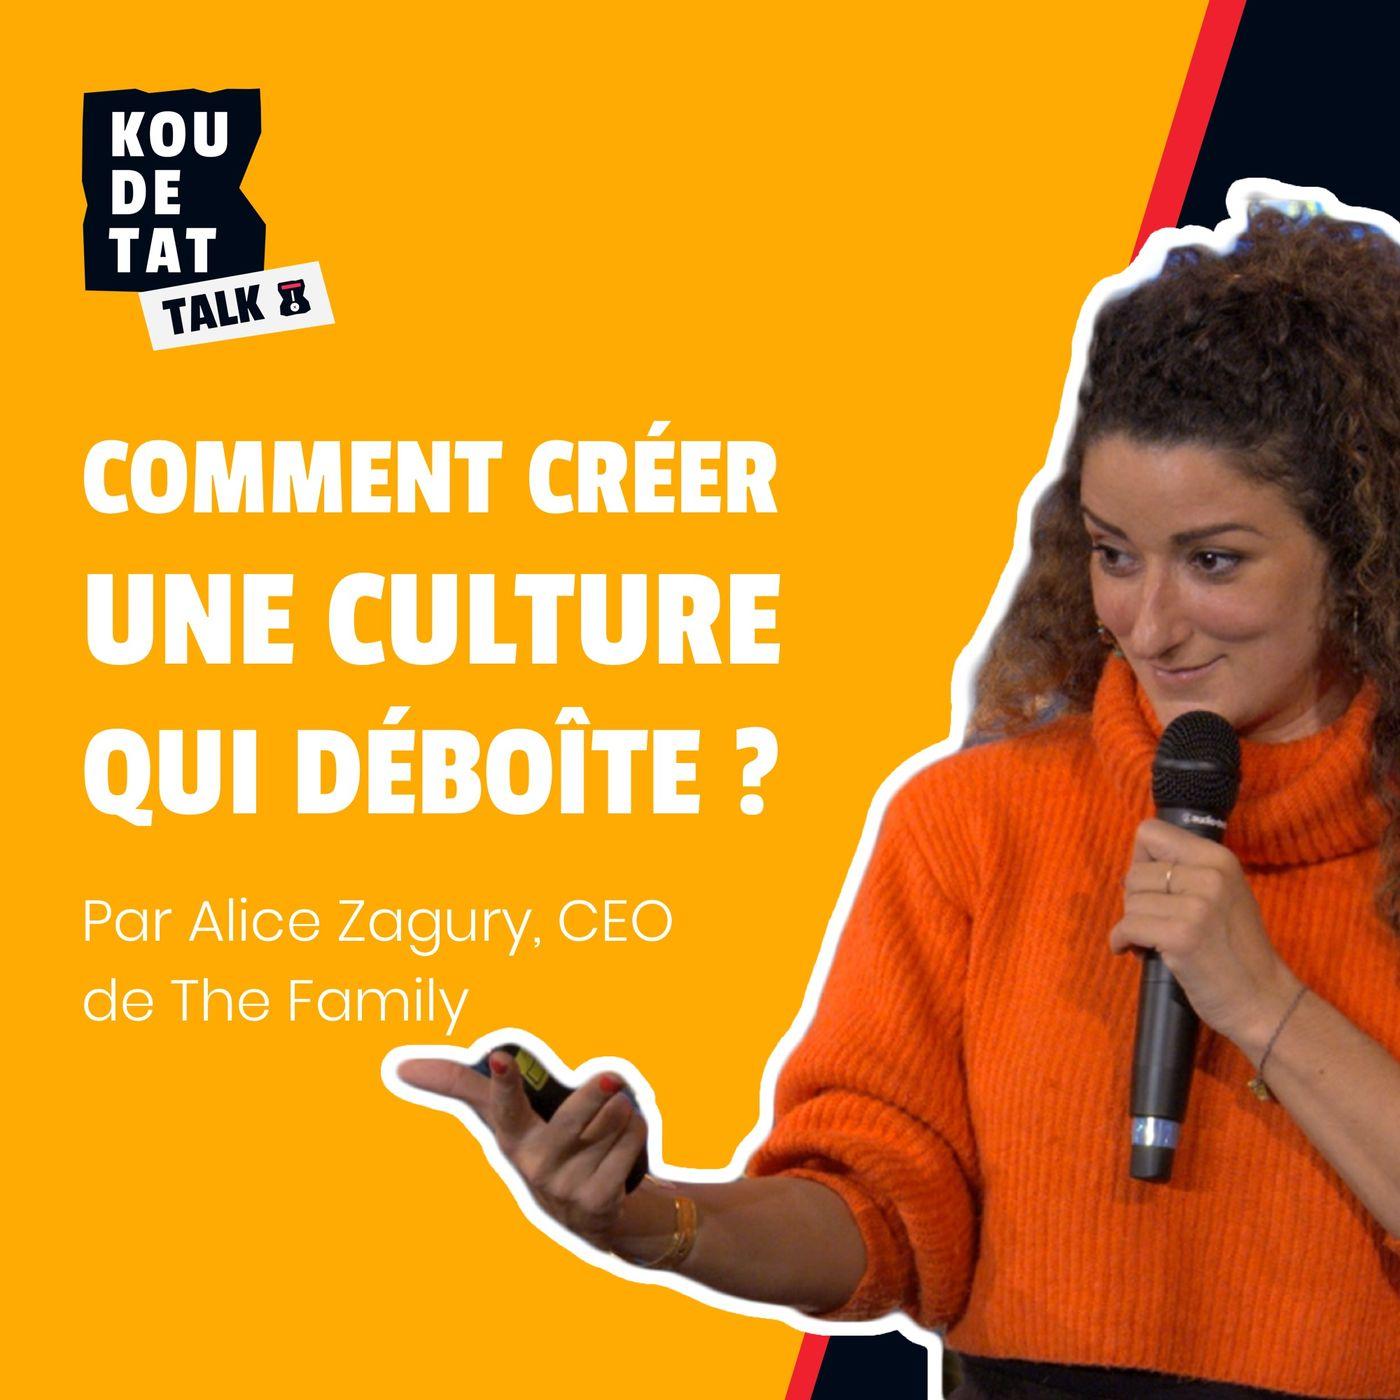 Comment créer une culture ? par Alice Zagury CEO de The Family I Koudetat Talks